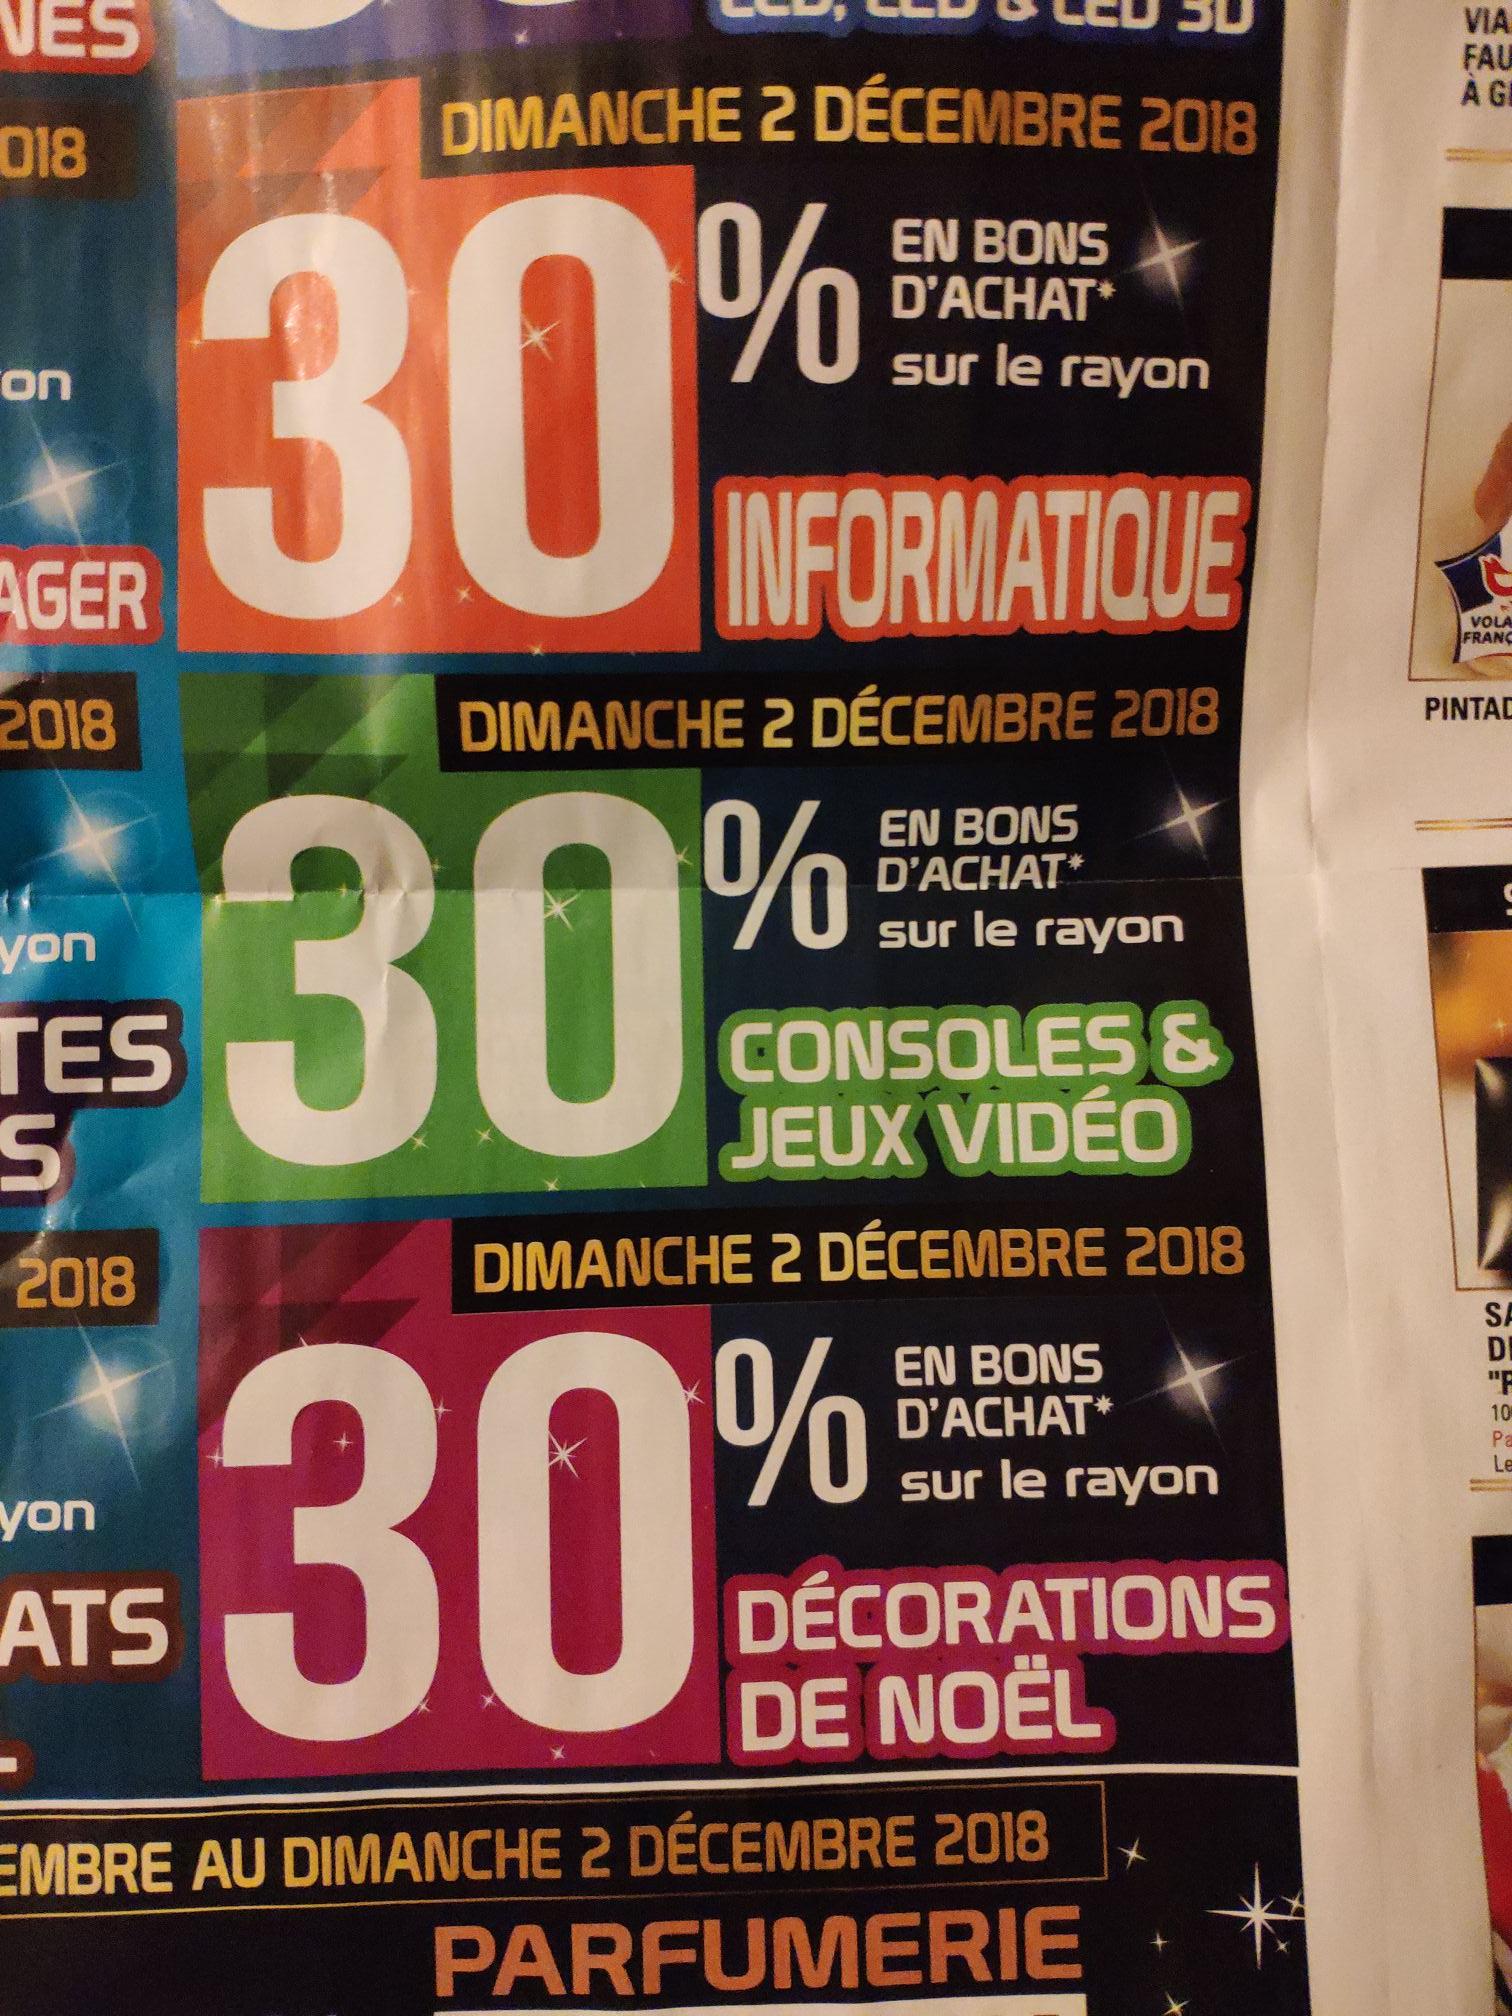 30% remboursés en bon d'achat sur vos achats de jeux-vidéos et consoles - Bonneuil sur marne (94)